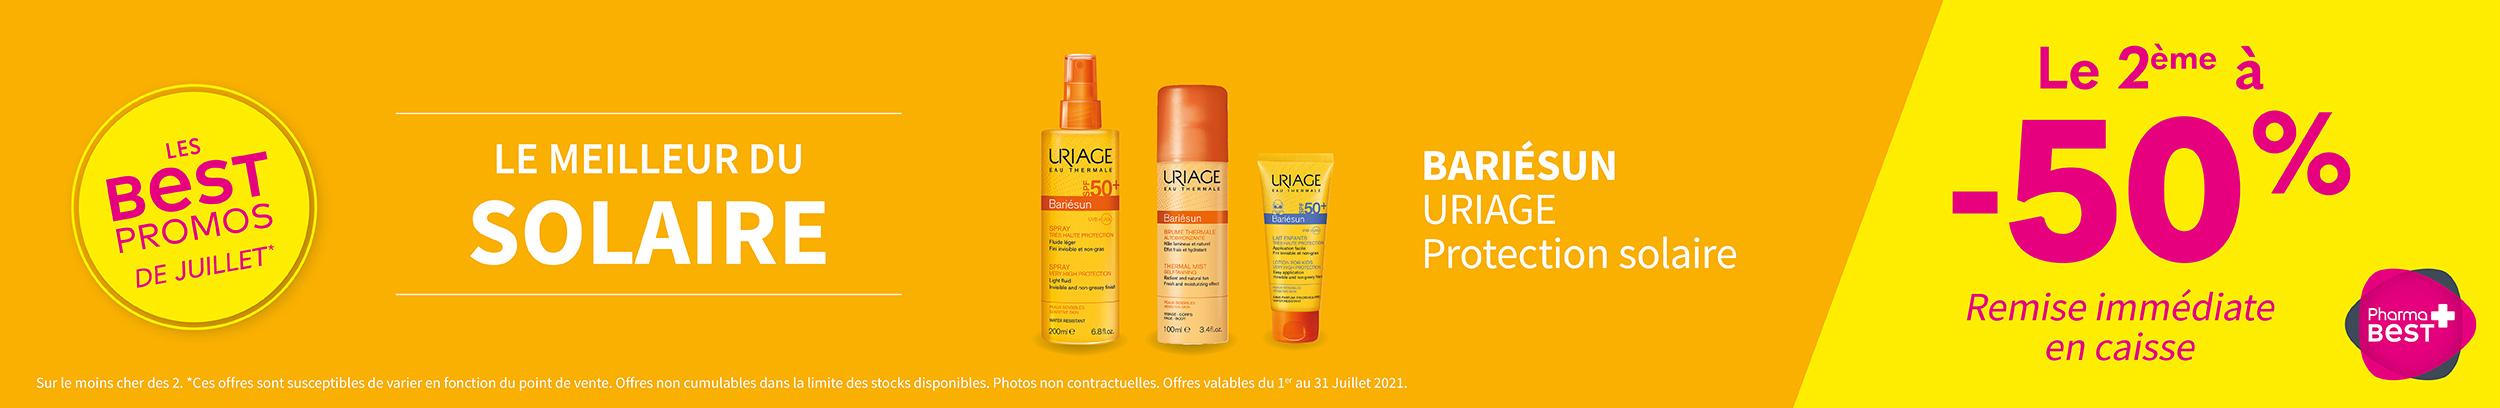 BARIÉSUN - URIAGE /  Protection solaire C&C